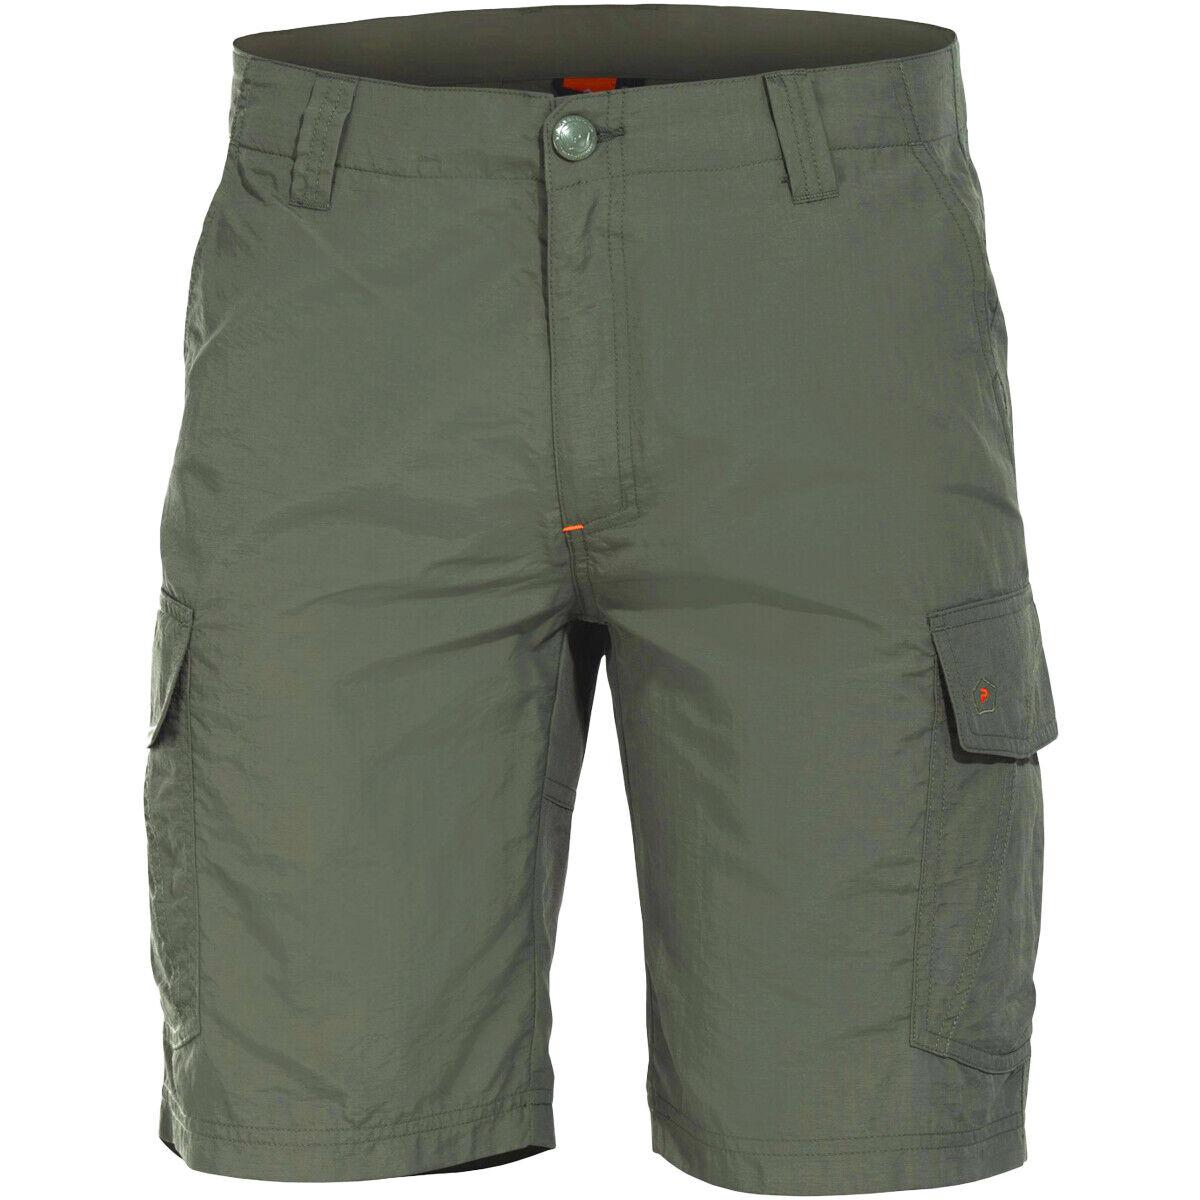 Pentagon  Gomati Pantalones Cortos Hombres Militar Cochega YKK Táctico Camo verde  descuento online